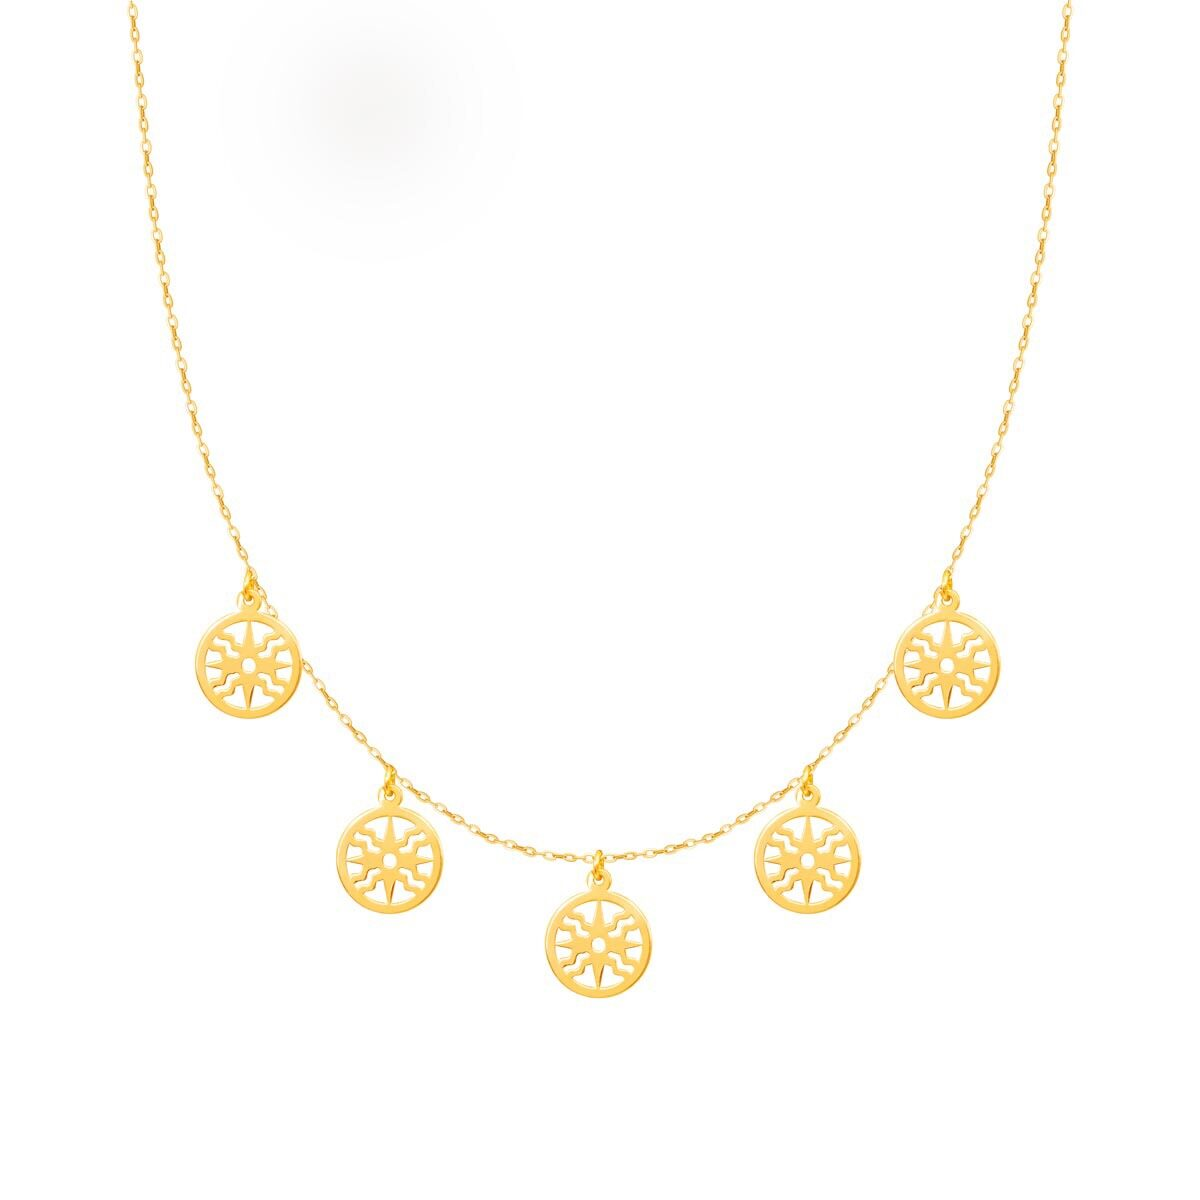 گردنبند طلا خورشید پرسته |parasteh